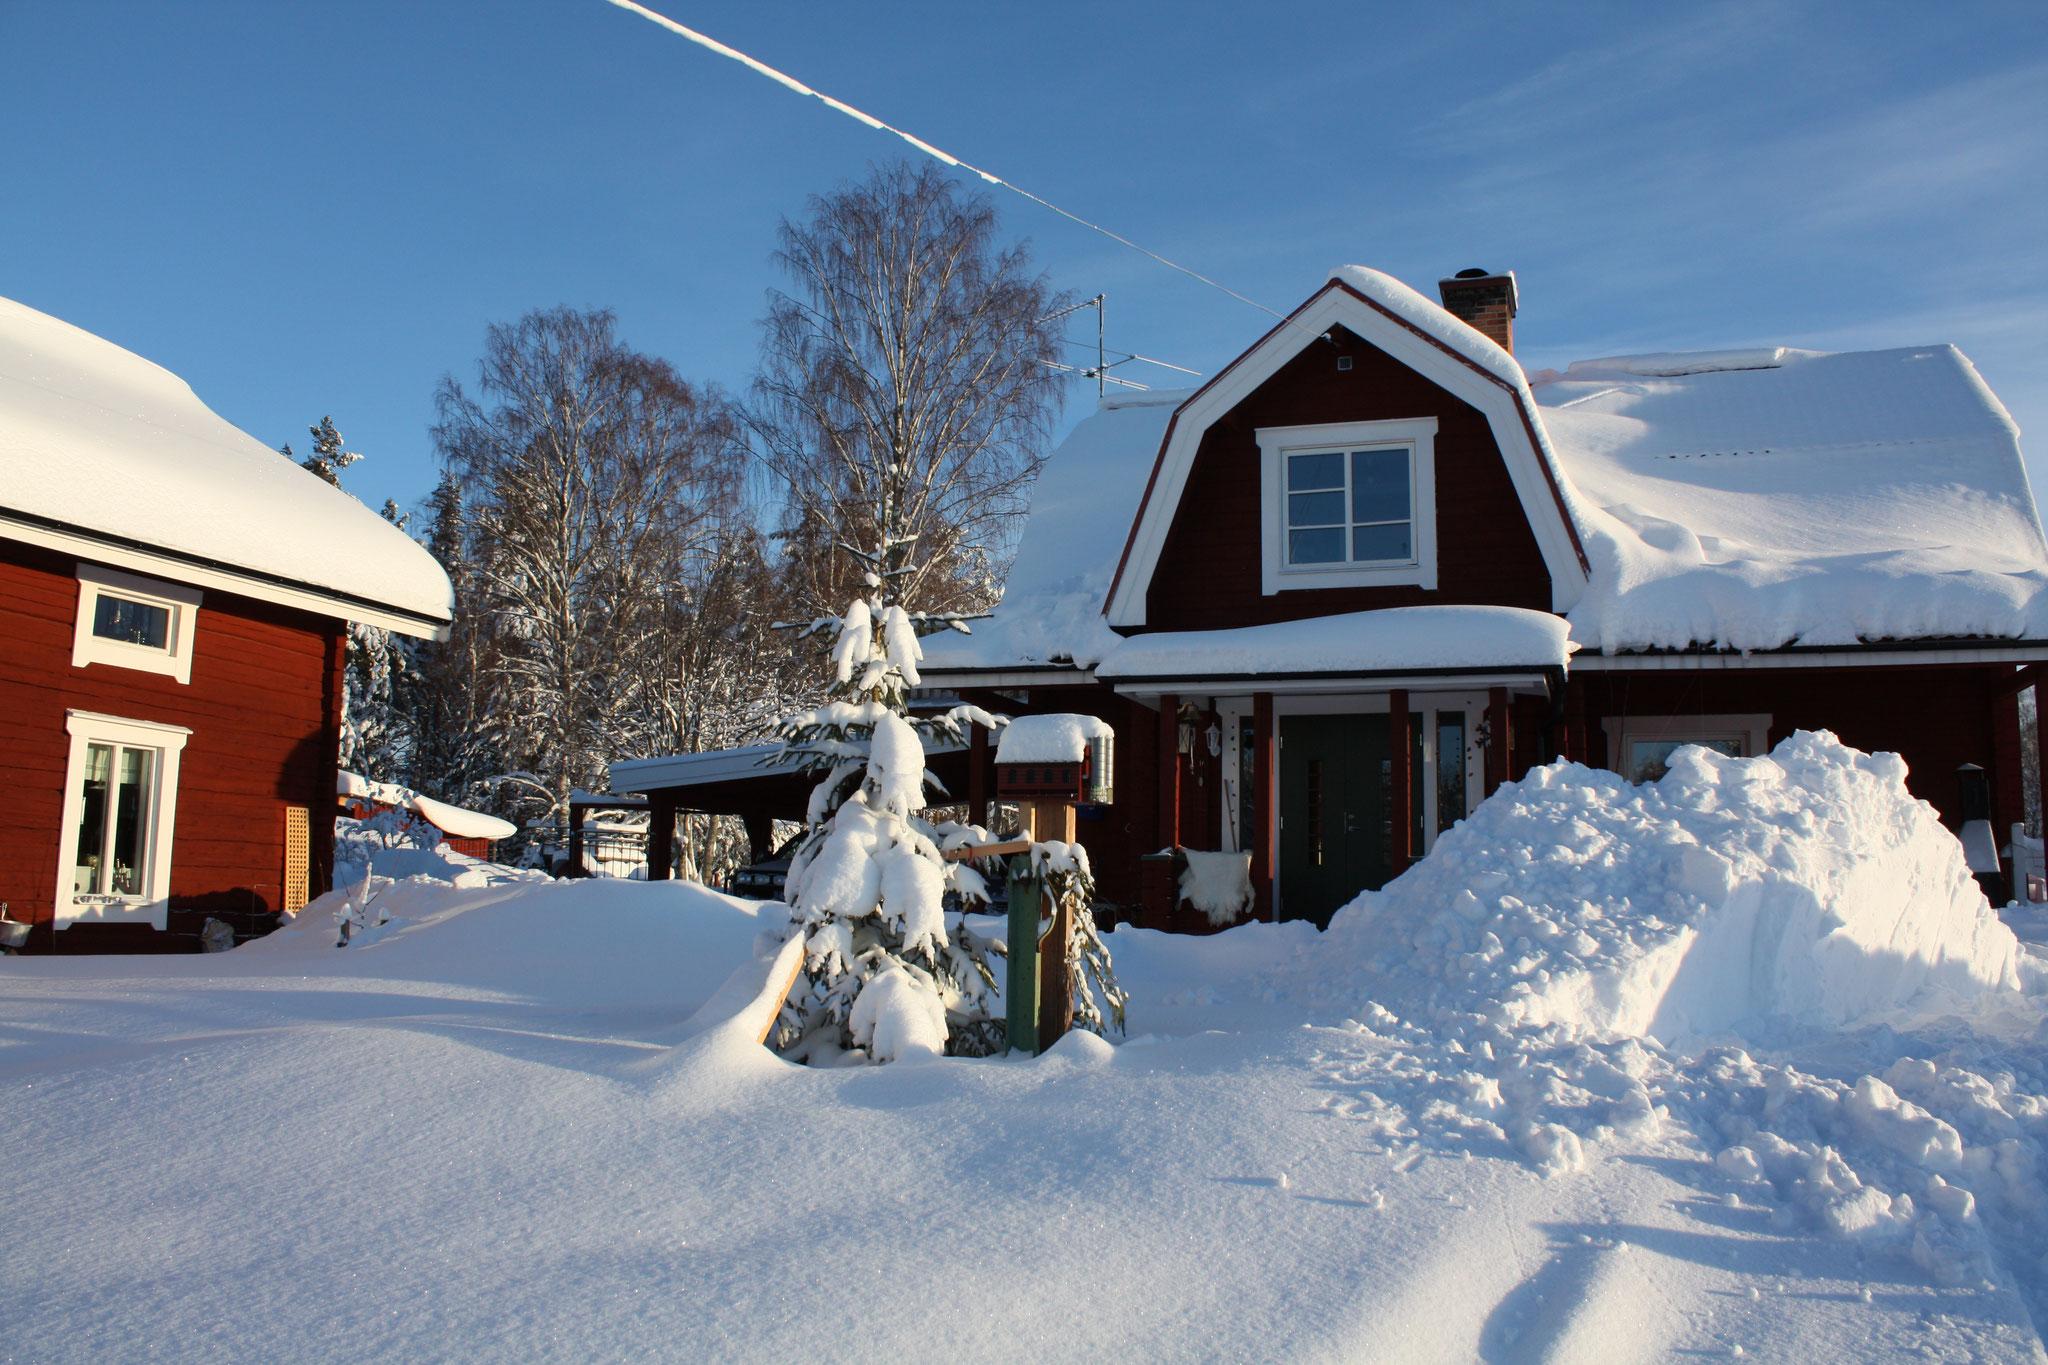 Skogsfeen - Ansicht auf Haus und Ferienhaus